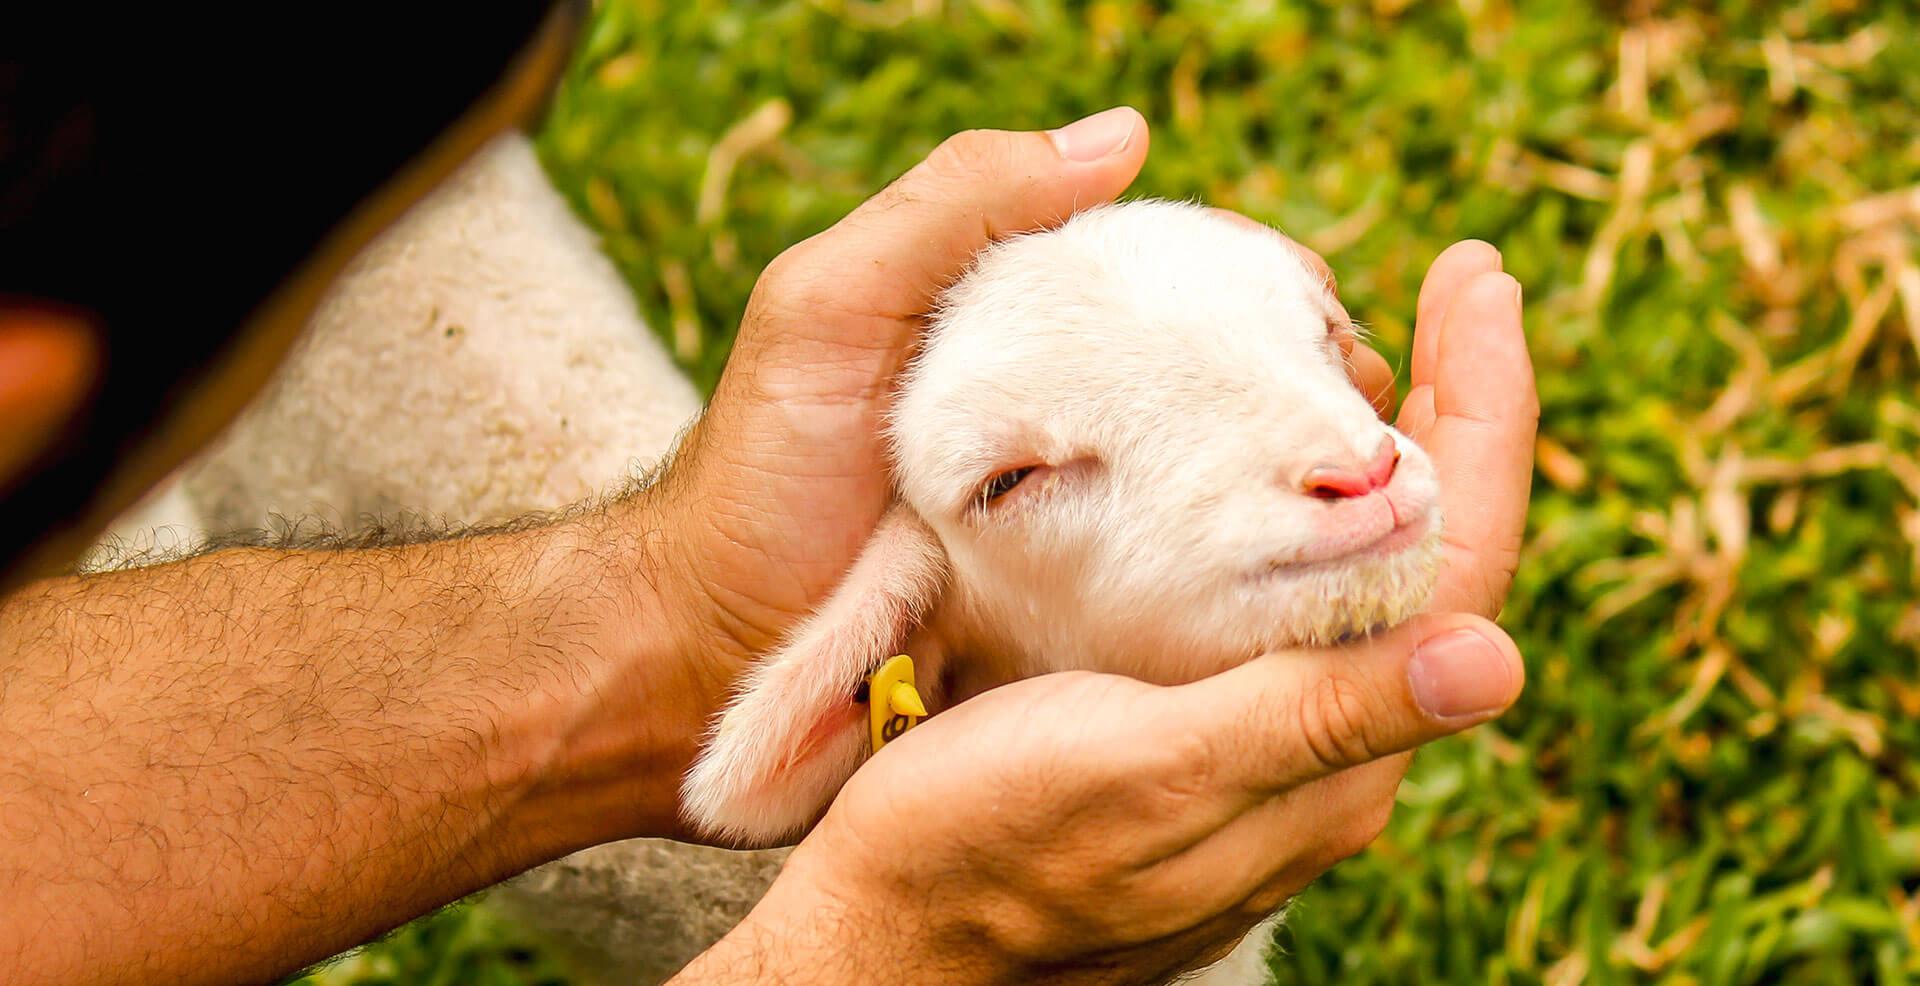 Rosto de uma ovelha bebê sendo segurado por um homem